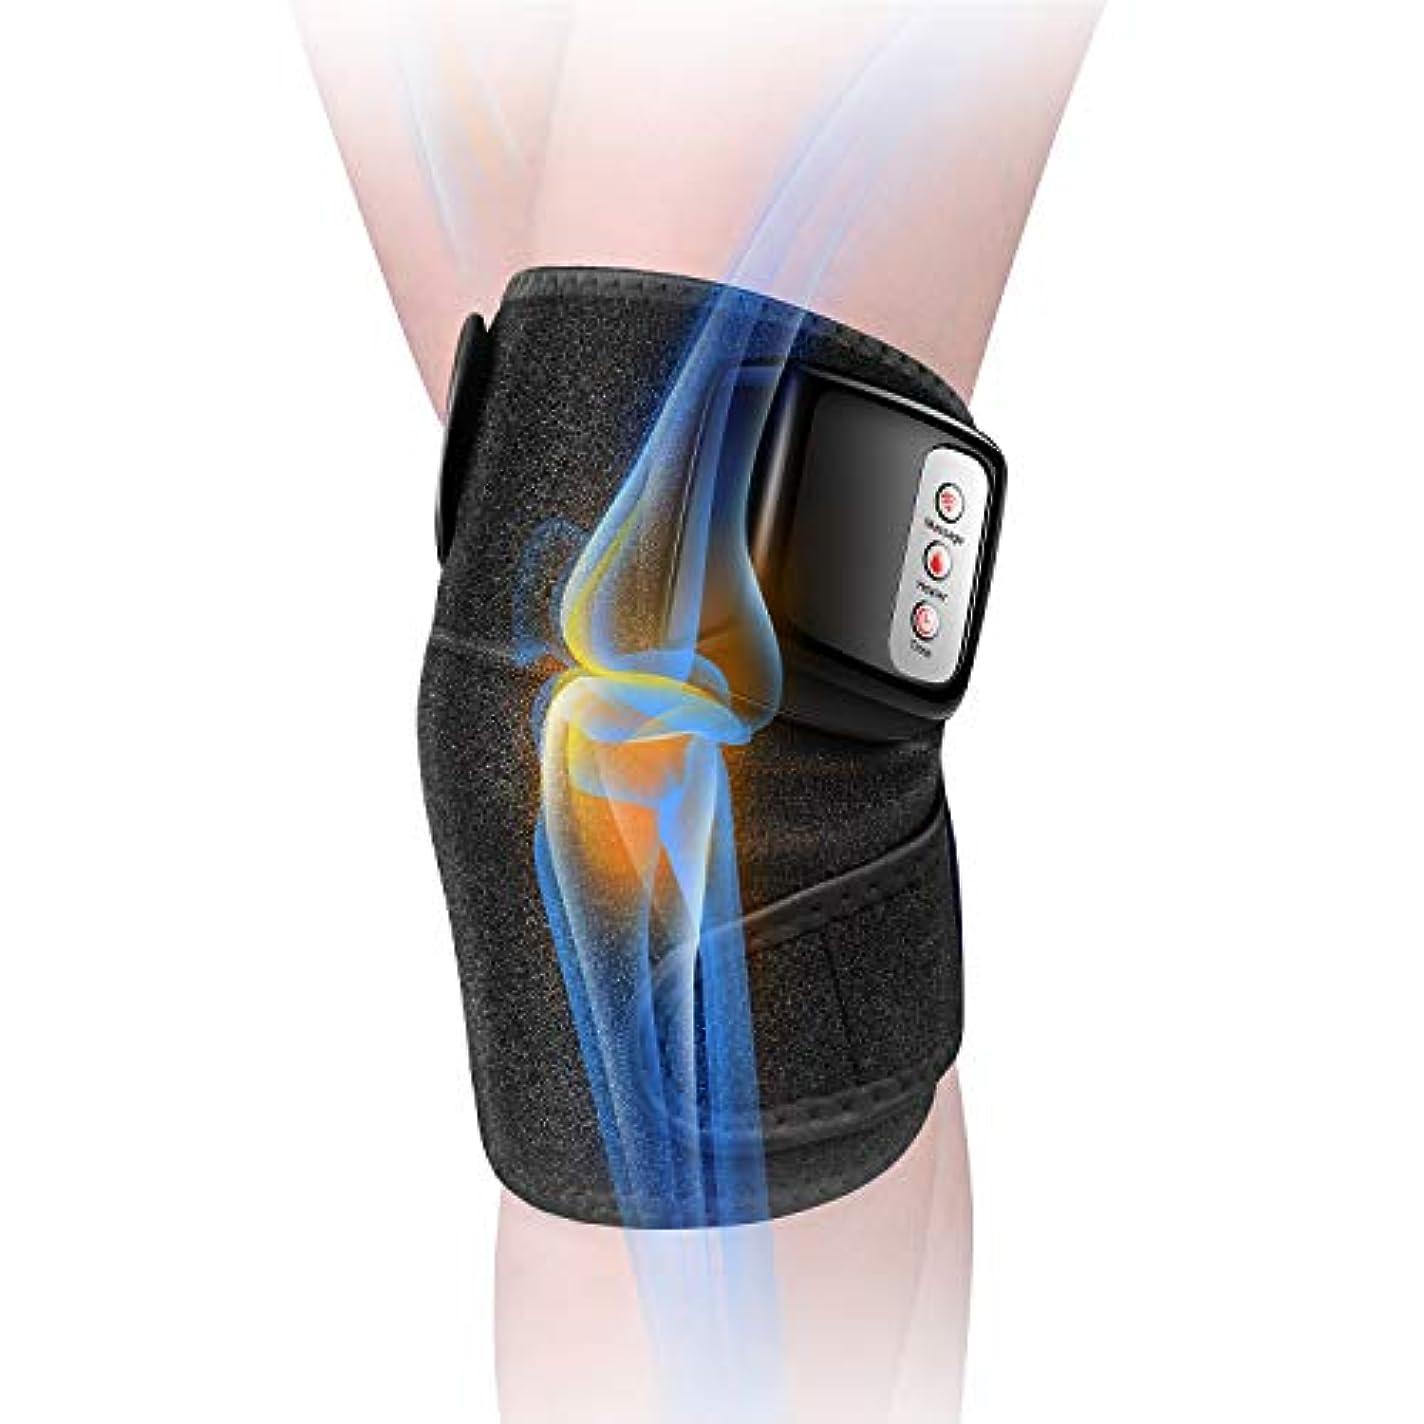 怖い少年三番膝マッサージャー 関節マッサージャー マッサージ器 フットマッサージャー 振動 赤外線療法 温熱療法 膝サポーター ストレス解消 肩 太もも/腕対応